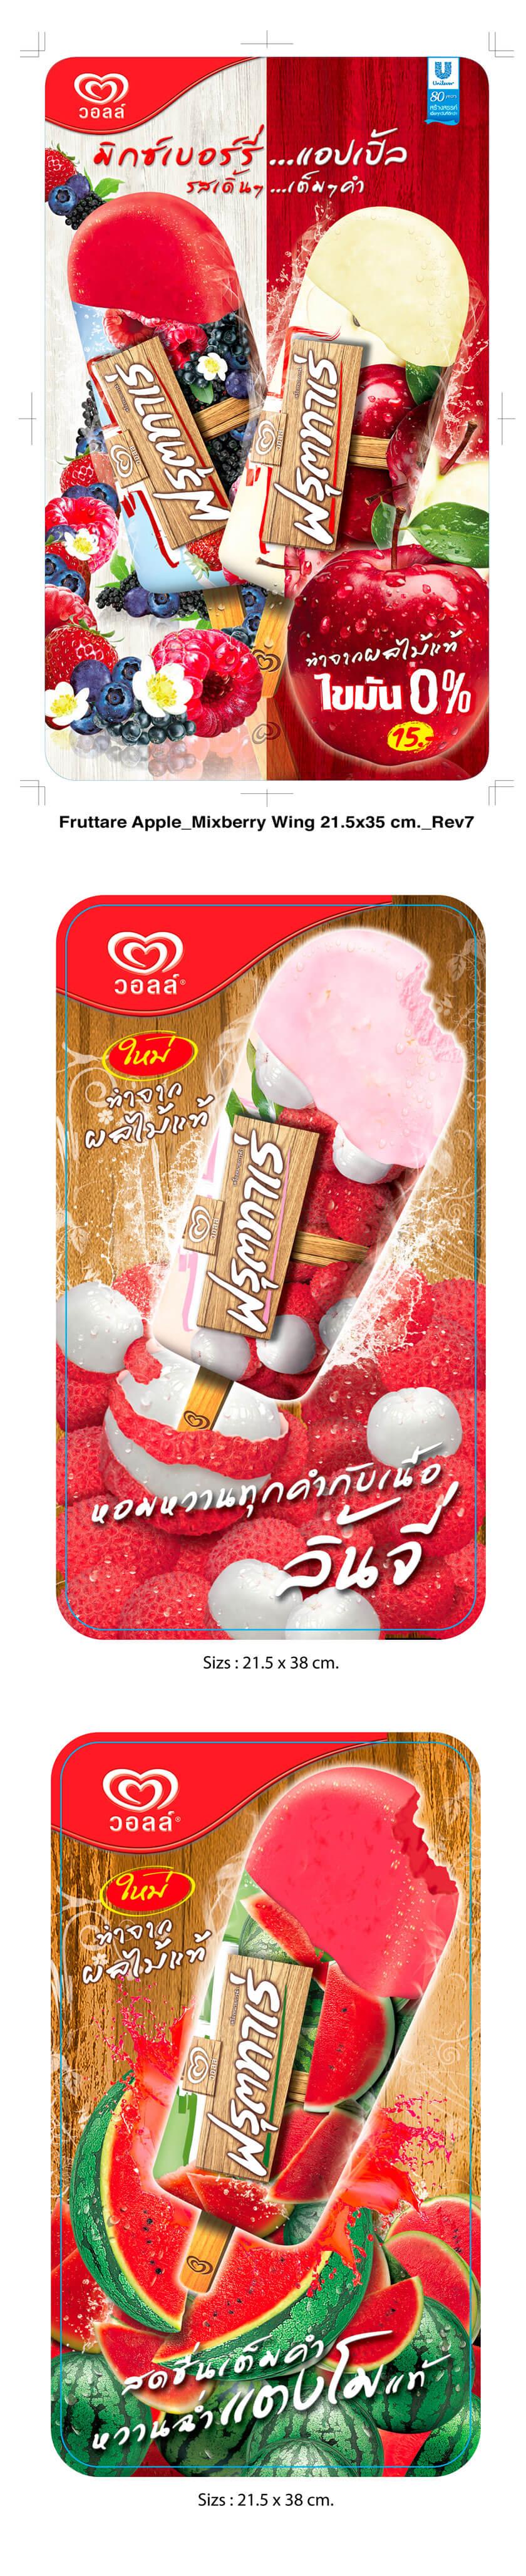 ออกแบบ ไอศกรีม วอลล์   MeDee - บริษัทรับทำเว็บไซต์ กราฟฟิกดีไซน์